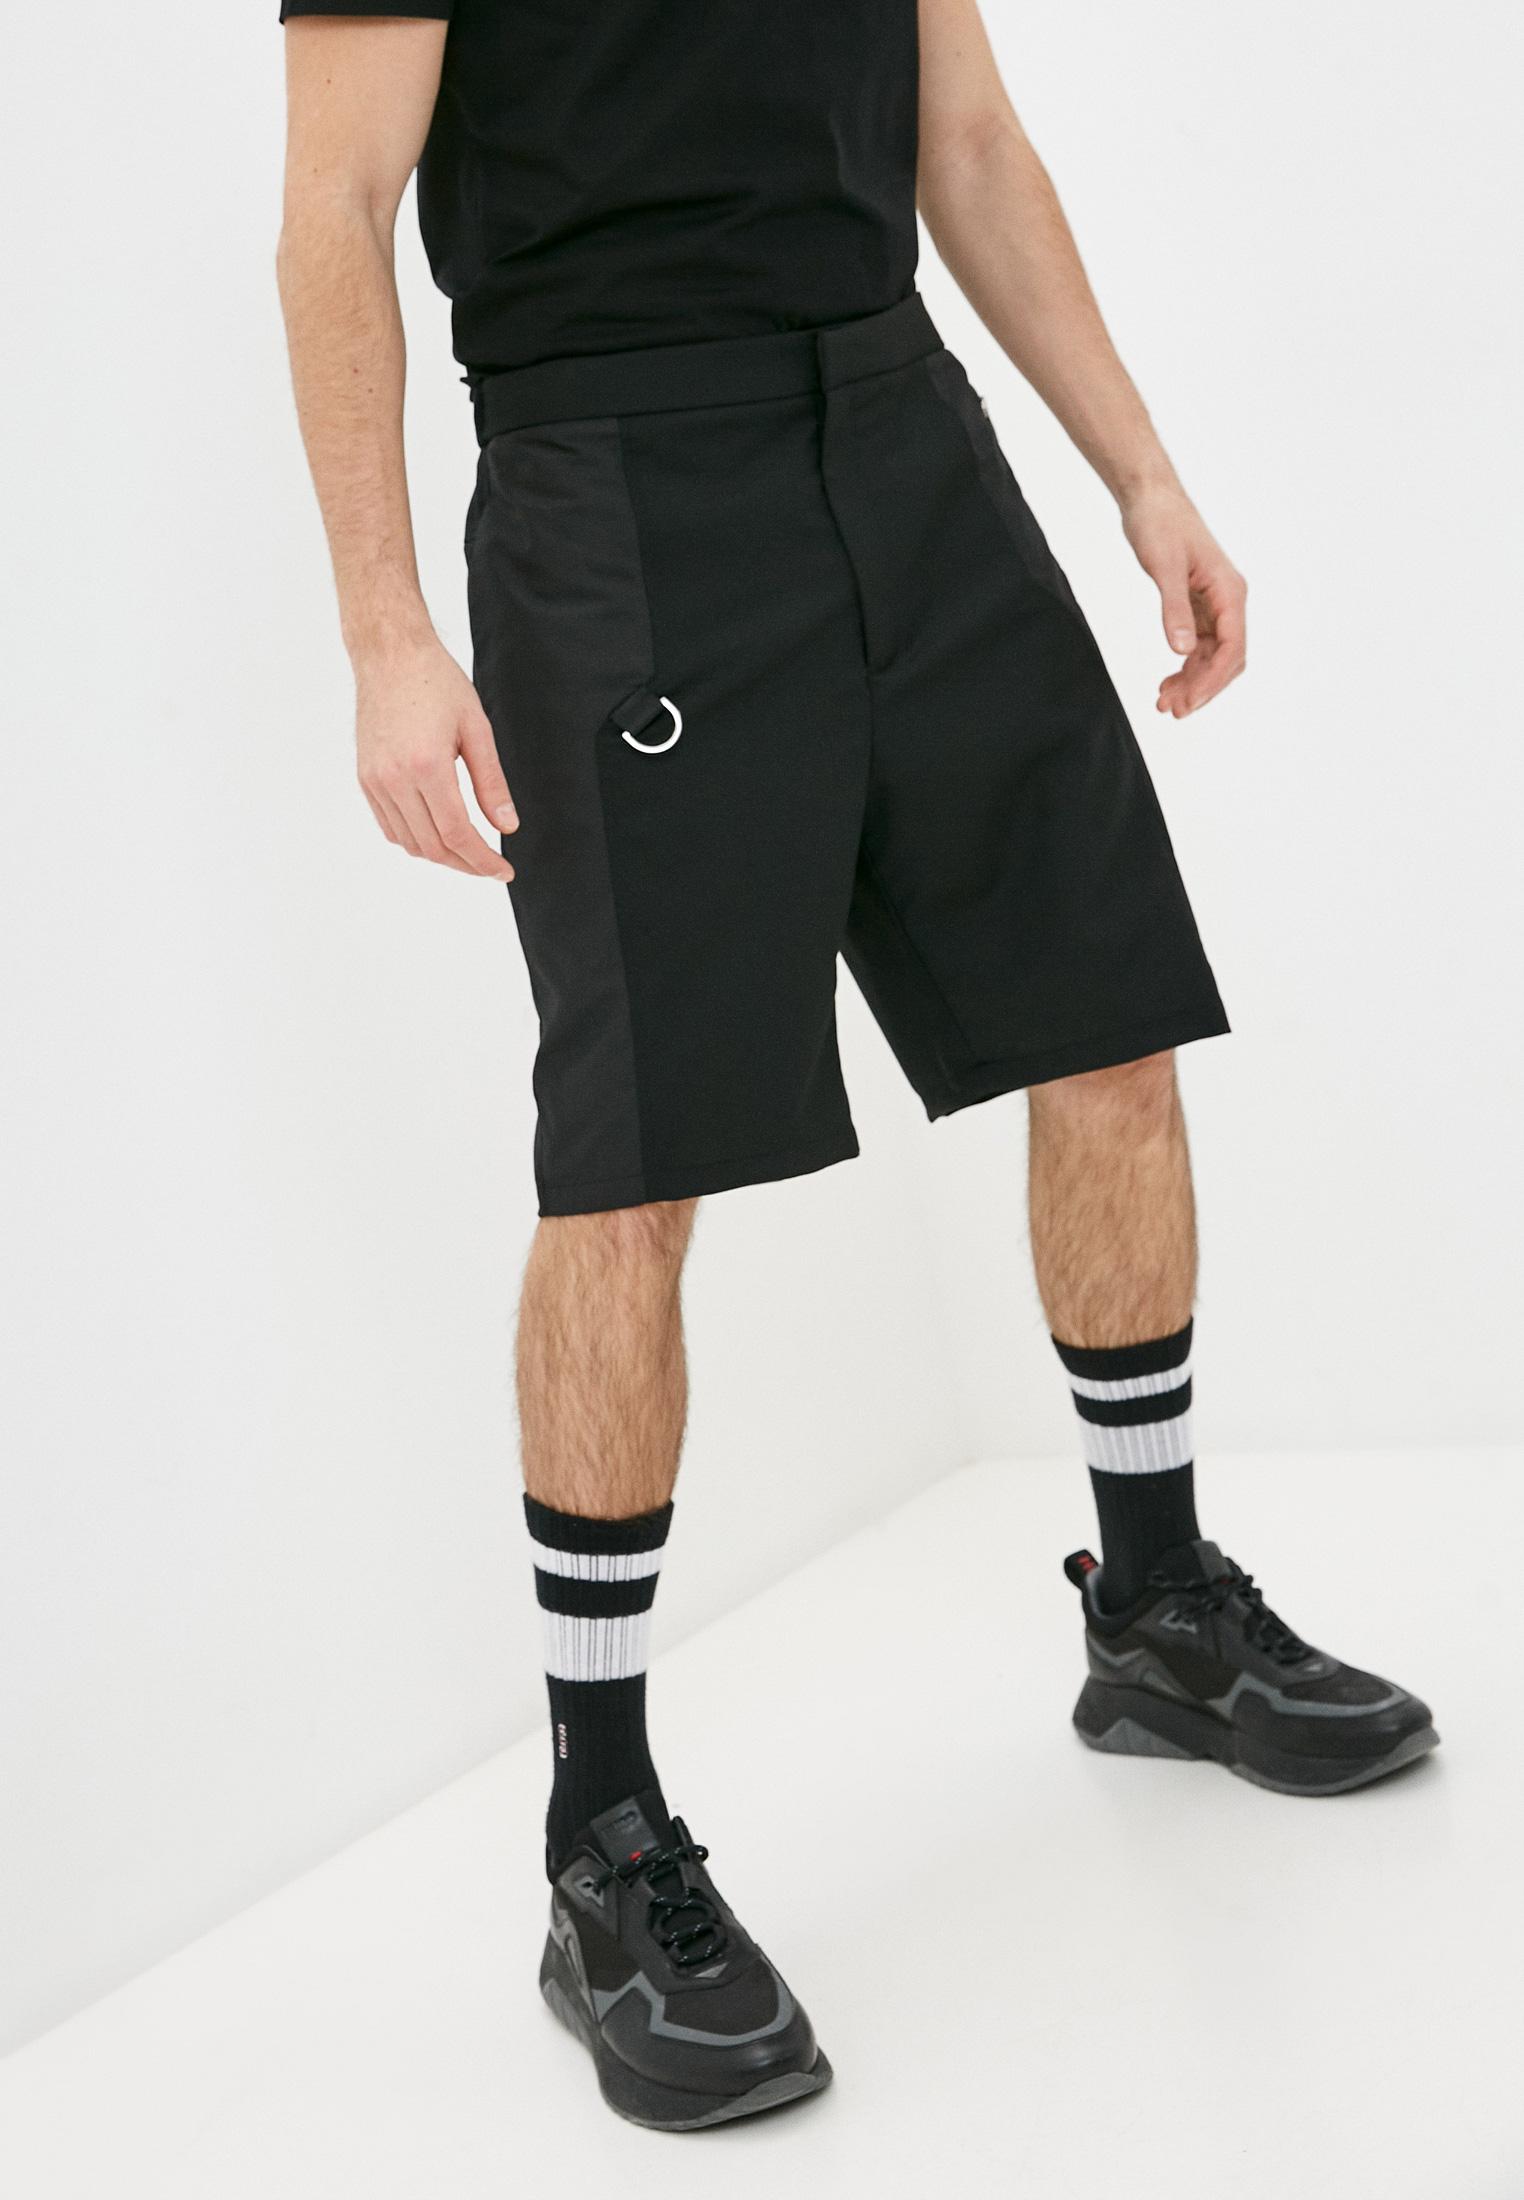 Мужские повседневные шорты Les Hommes Шорты Les Hommes